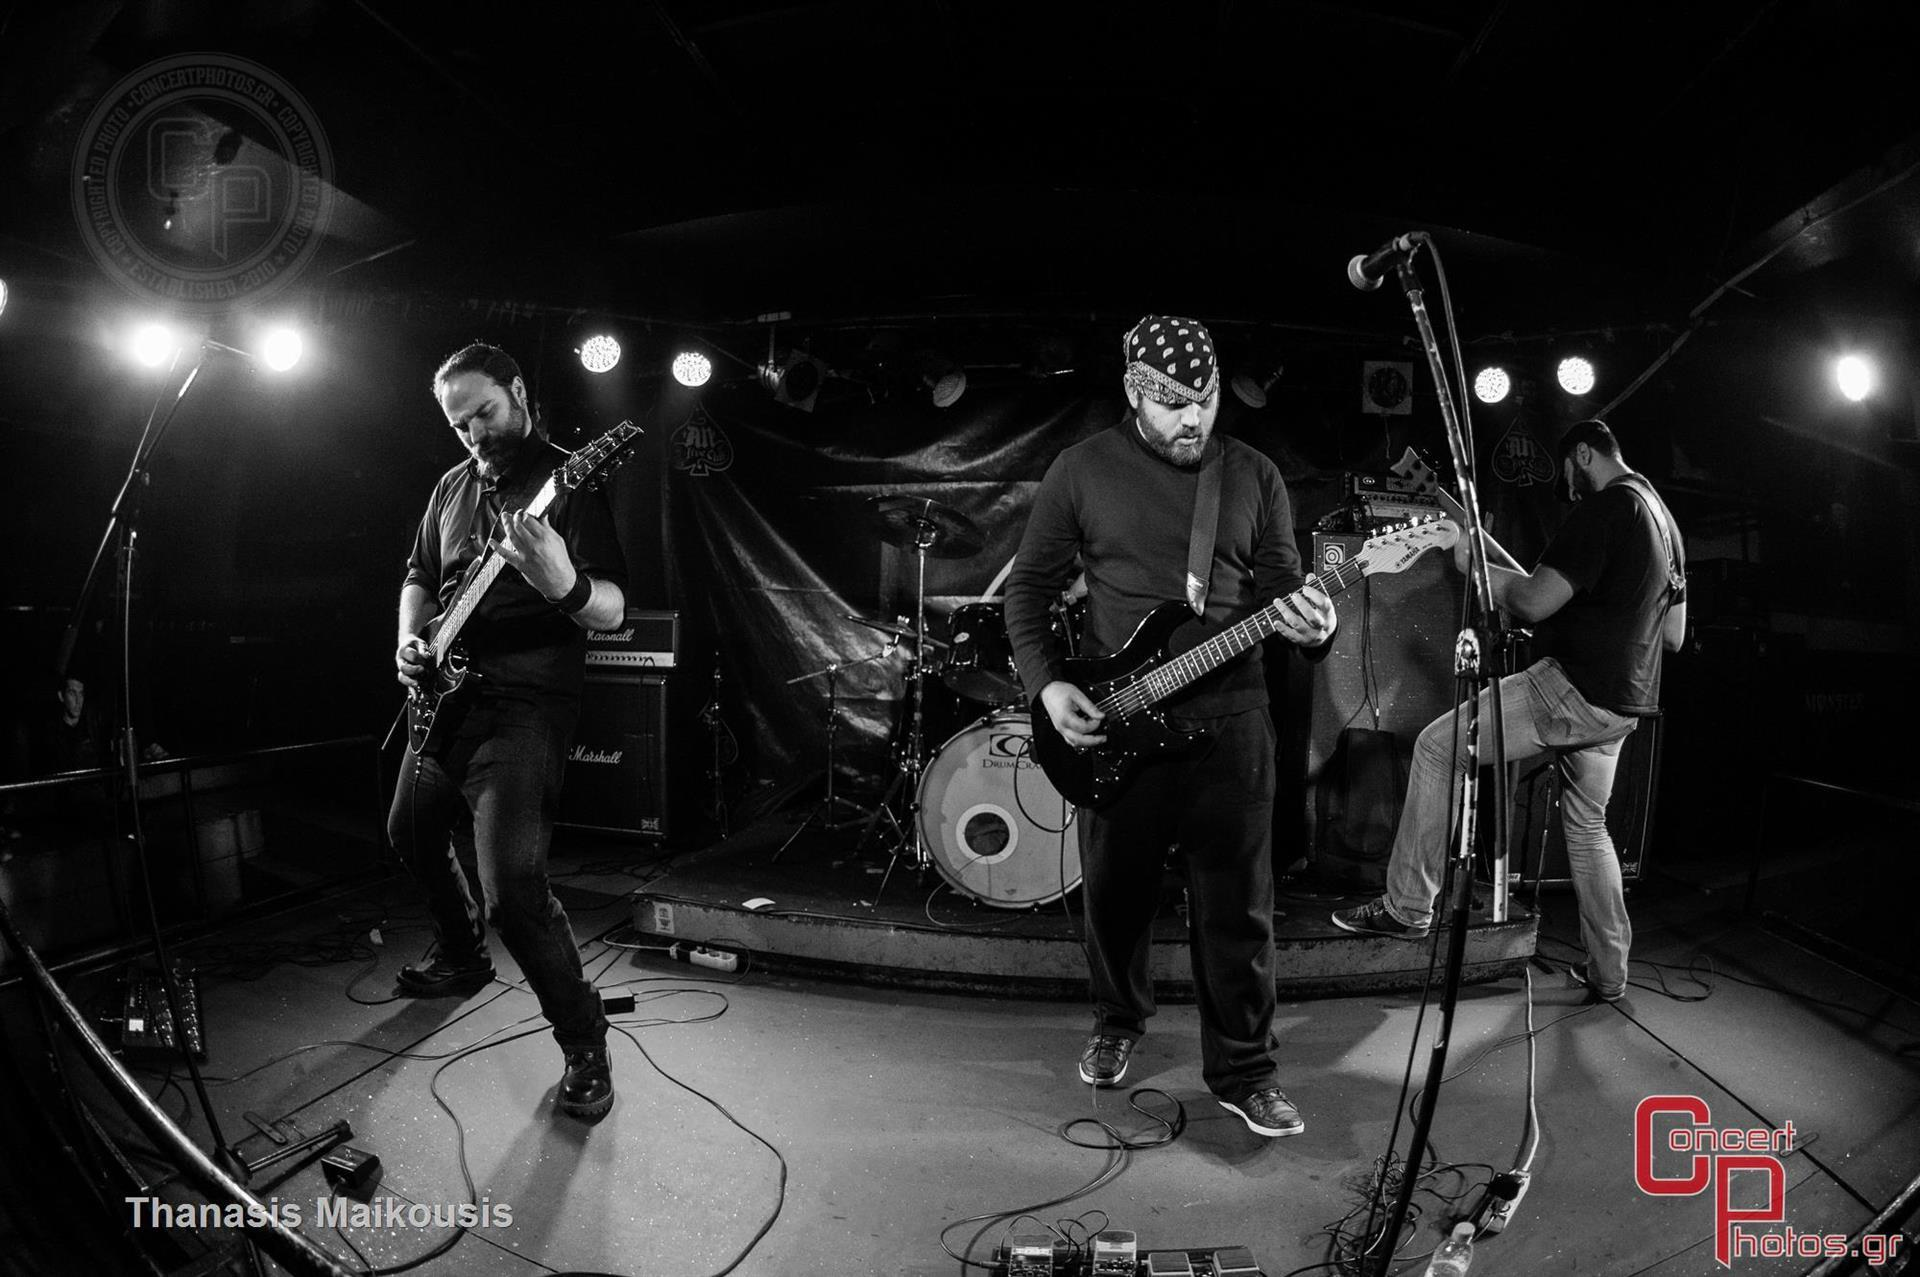 Battle Of The Bands Leg 5-Battle Of The Bands Leg 4 photographer: Thanasis Maikousis - ConcertPhotos - 20150315_2203_08